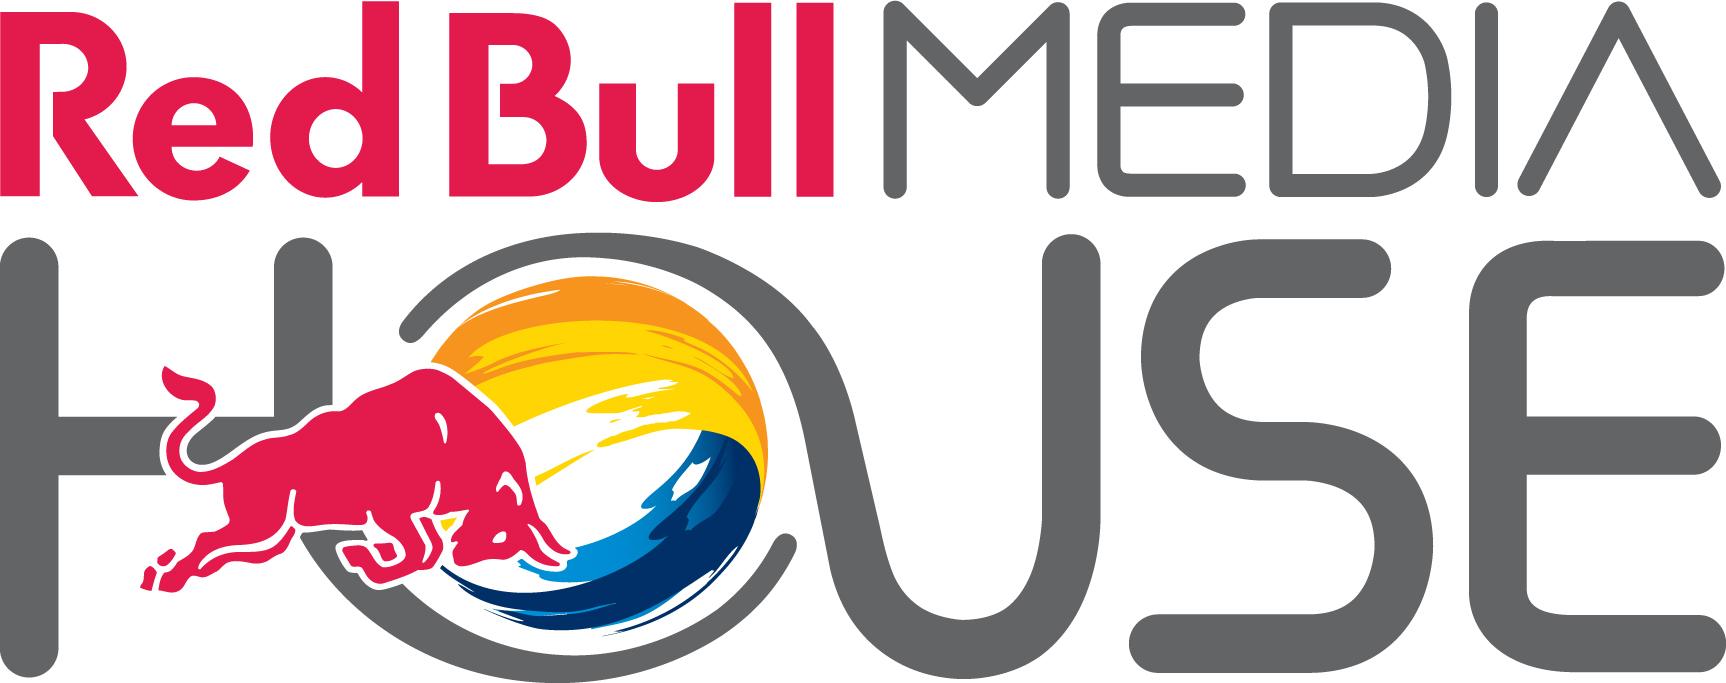 Red Bull clipart redbul  Music join Media Gateway's